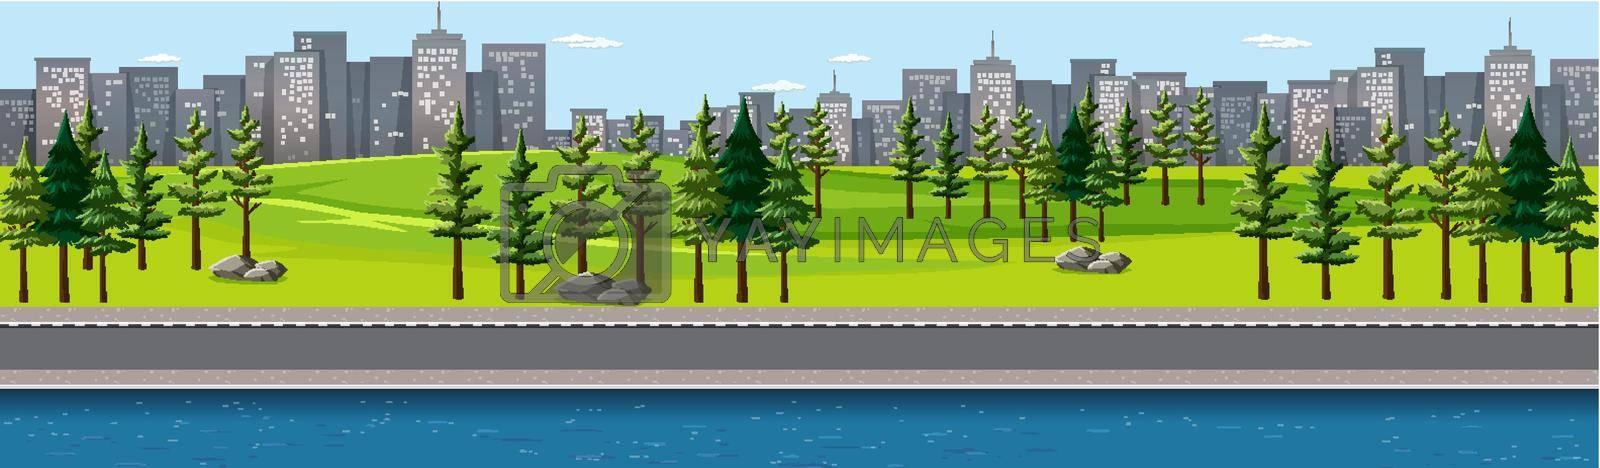 City nature park with river side landscape scene illustration